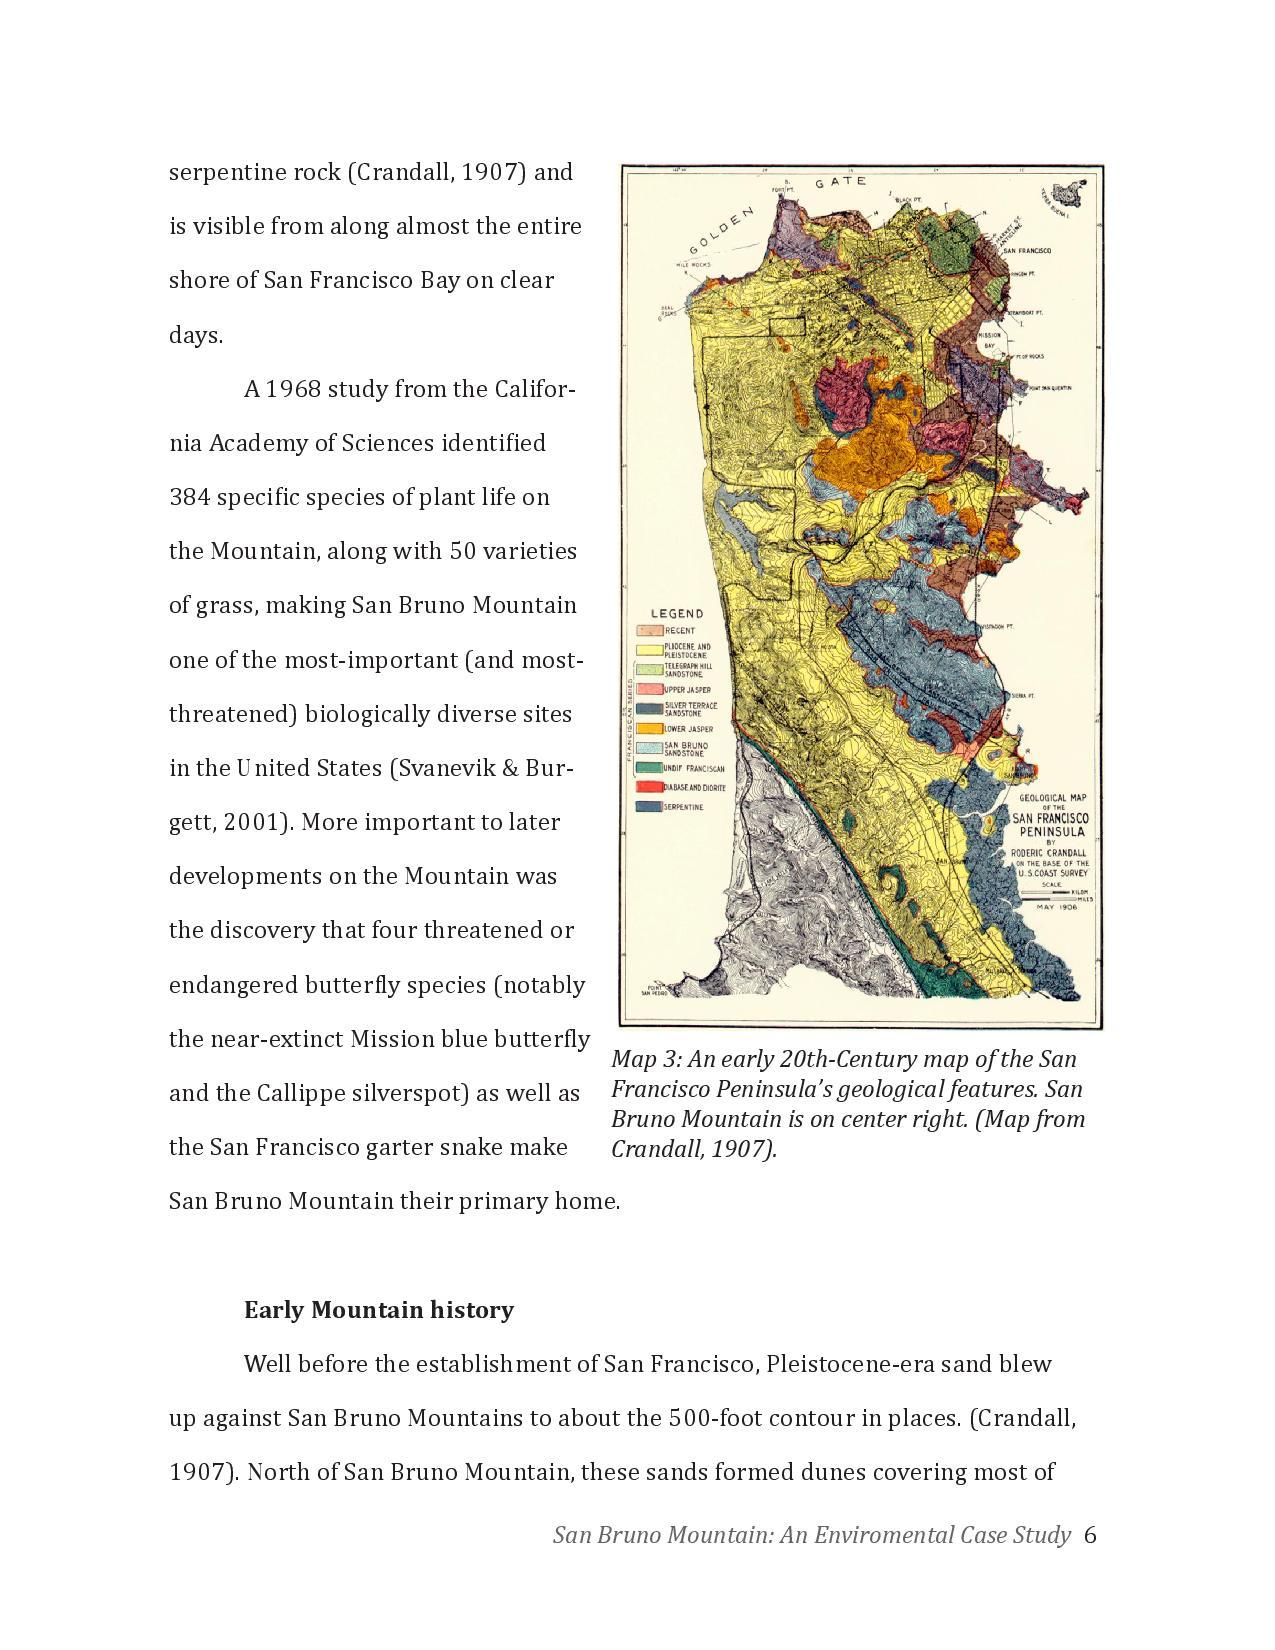 SBM An Environmental Case Study J Baker-page-006